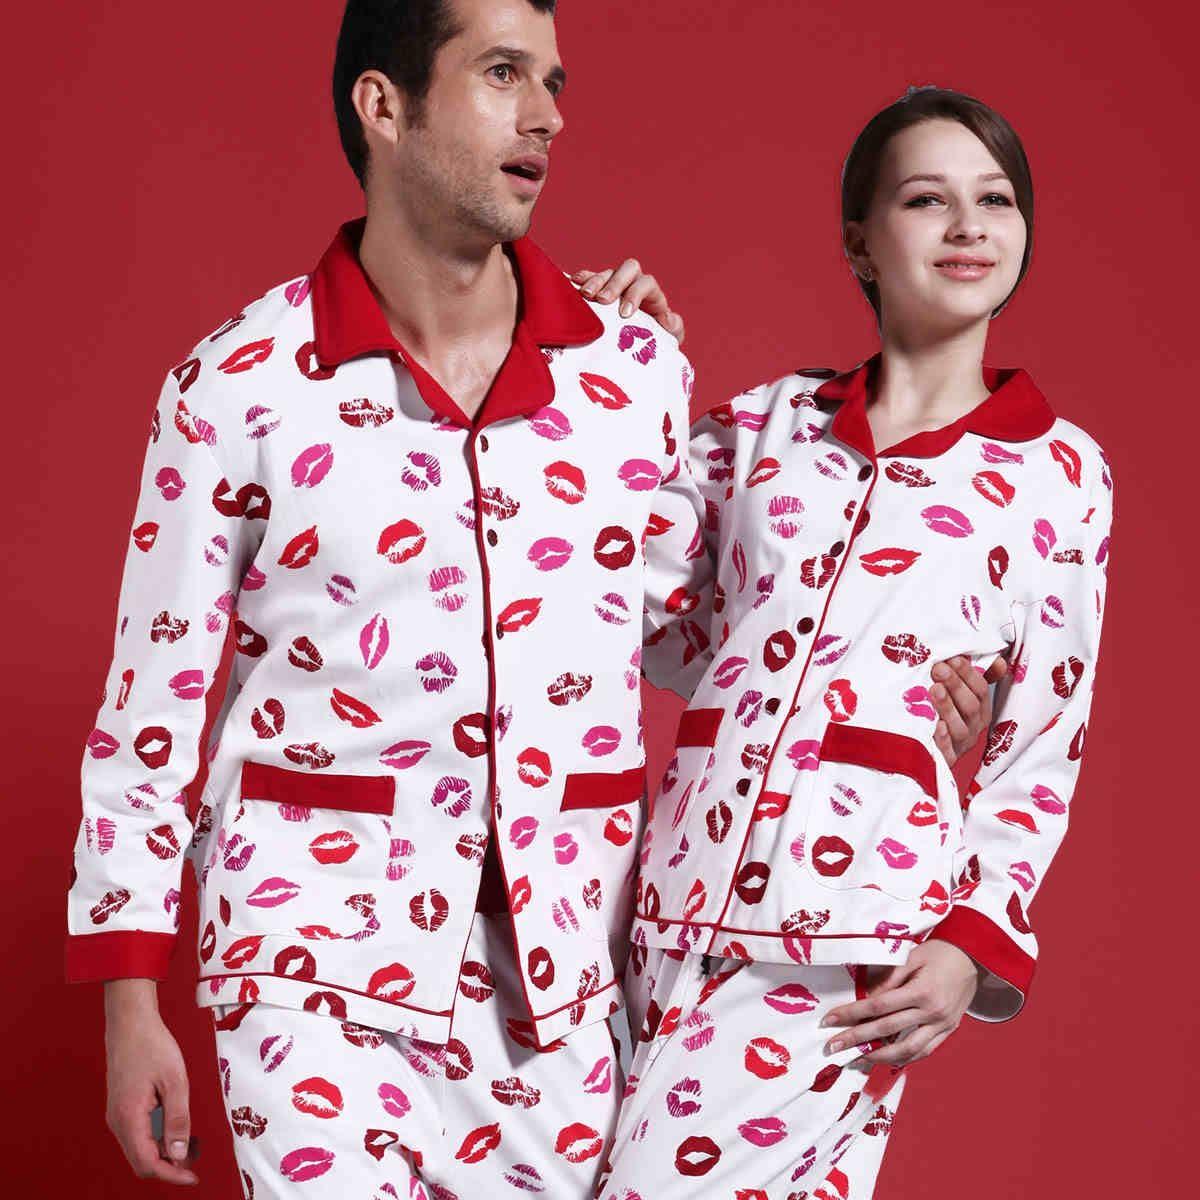 His And Hers Matching Christmas Pajamas: His And Hers Christmas Pajamas